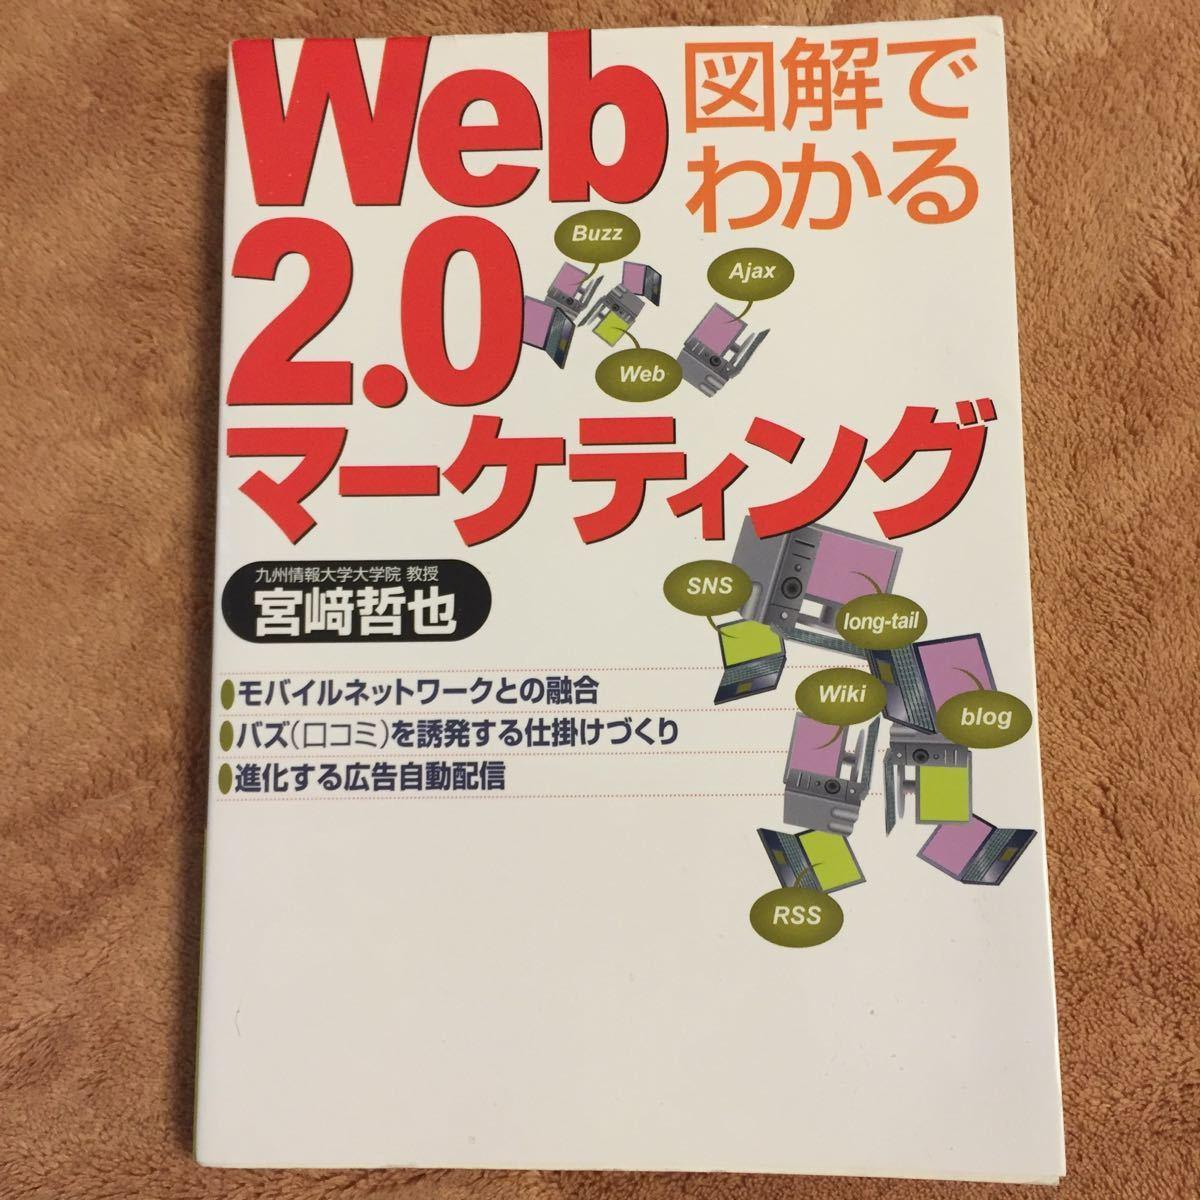 図解でわかるWeb2.0マーケティング